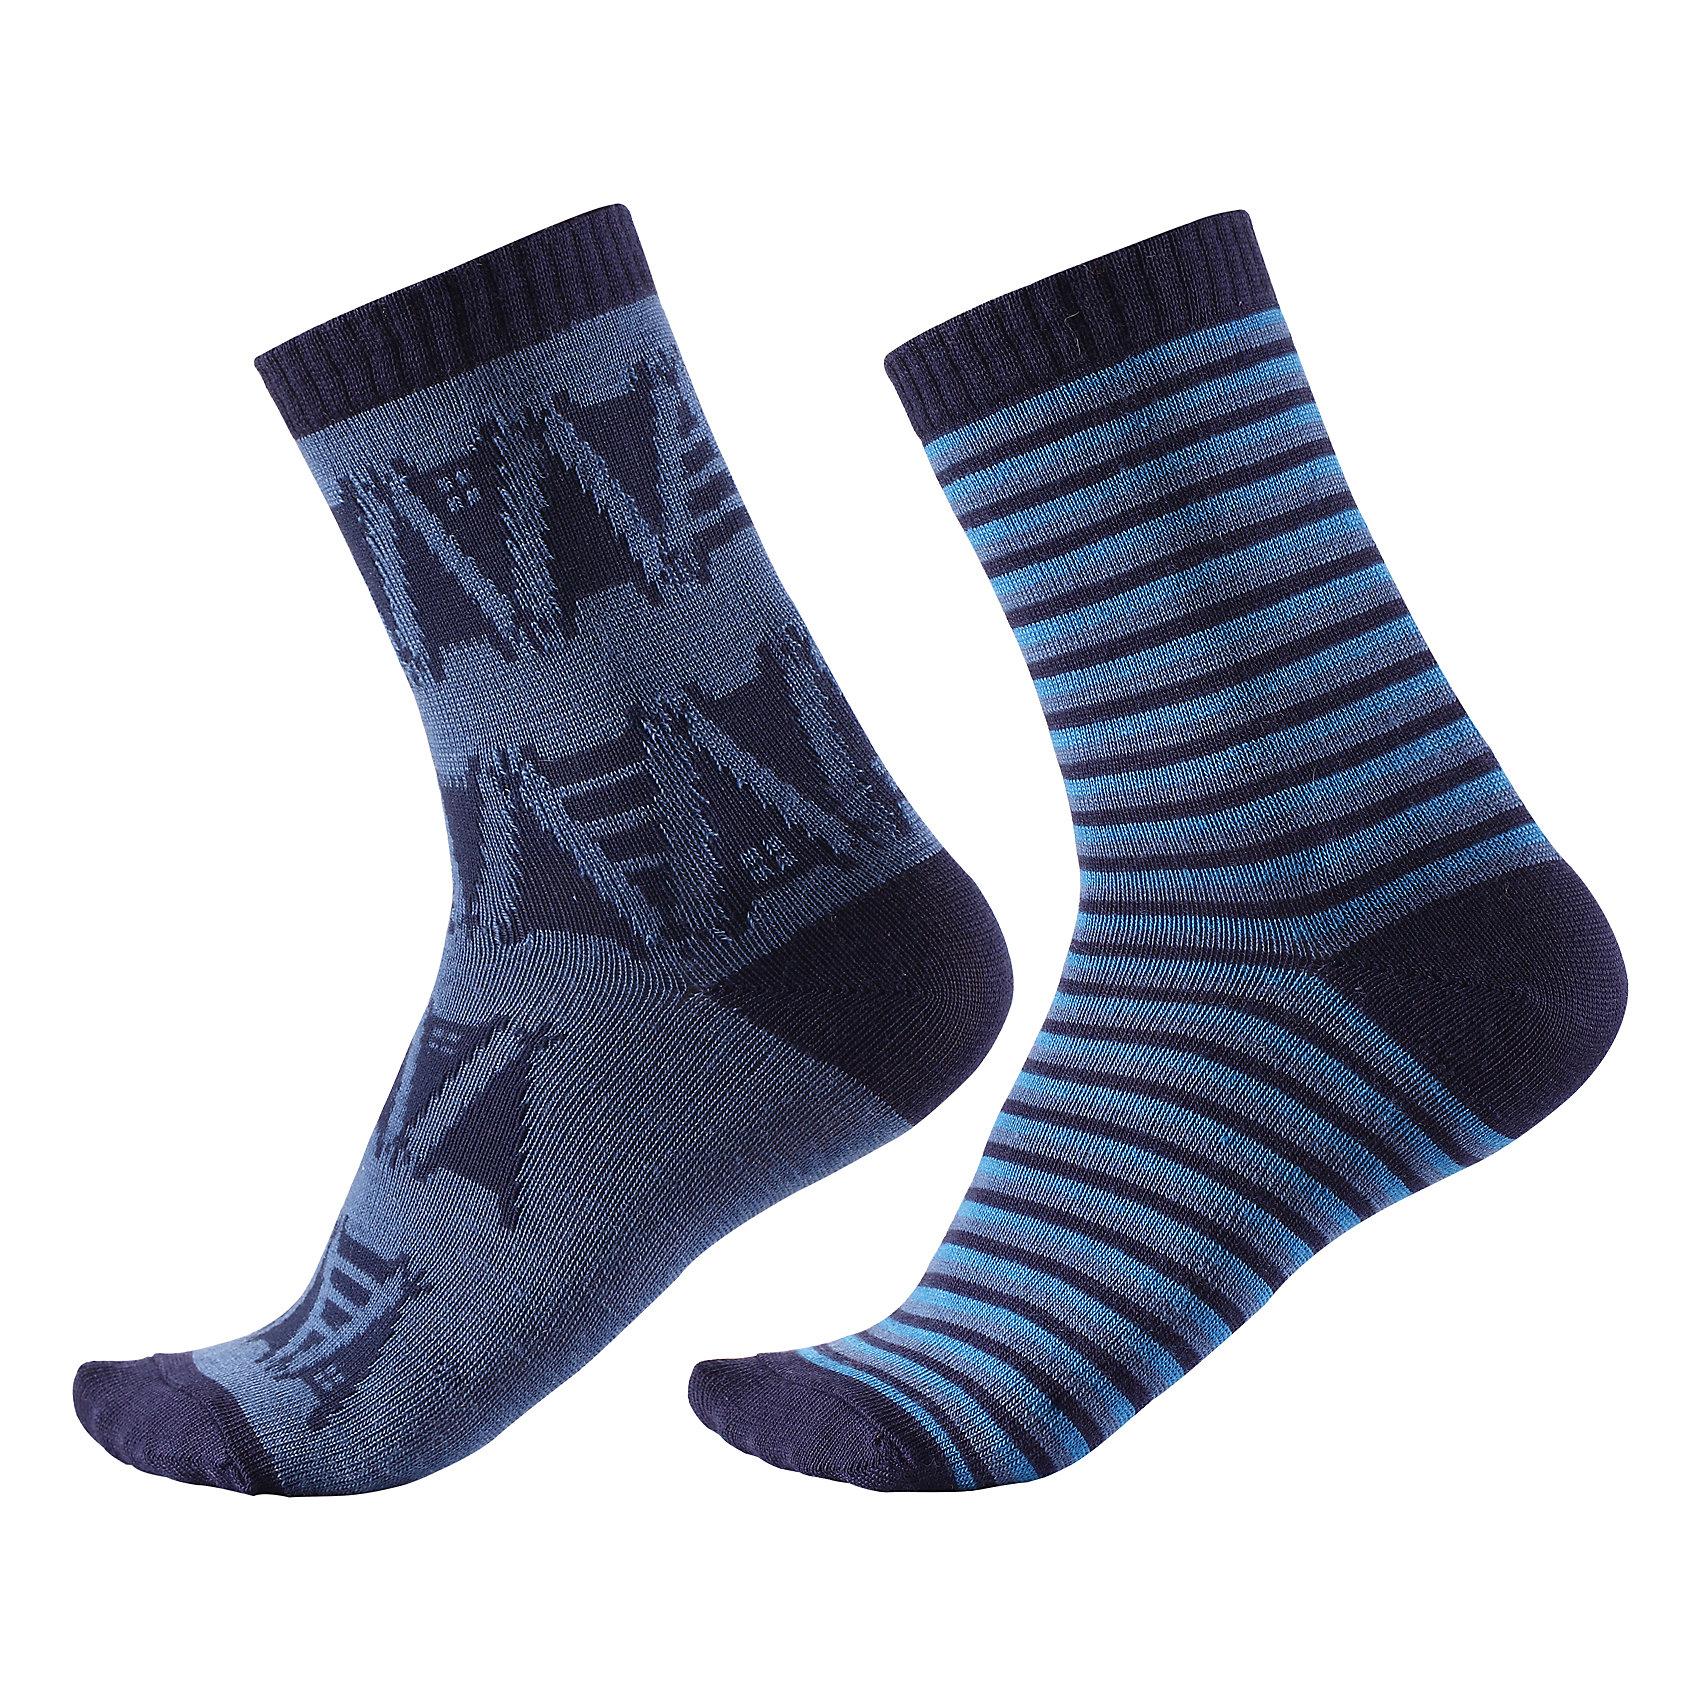 Носки Reima Strum, 2 парыНоски<br>Характеристики товара:<br><br>• цвет: синий;<br>• состав: 55% шерсть, 35% полиэстер, 8% полиамид, 2% эластан;<br>• сезон: зима;<br>• легкая ткань без вставок;<br>• быстро сохнут и сохраняют тепло;<br>• шерсть идеально поддерживает температуру;<br>• страна бренда: Финляндия;<br>• страна изготовитель: Китай.<br><br>Модные и яркие длинные детские носки изготовлены из теплого и мягкого полушерстяного трикотажа. Носки превосходно регулируют температуру, особенно в морозные зимние дни! Эластичный шерстяной трикотаж отлично пропускает воздух и быстро сохнет, поэтому ребенку будет максимально комфортно во время веселых прогулок. Облегченная модель без усилений на подошве.<br><br>Носки Strum Reima от финского бренда Reima (Рейма) можно купить в нашем интернет-магазине.<br><br>Ширина мм: 87<br>Глубина мм: 10<br>Высота мм: 105<br>Вес г: 115<br>Цвет: синий<br>Возраст от месяцев: 168<br>Возраст до месяцев: 1188<br>Пол: Унисекс<br>Возраст: Детский<br>Размер: 34-37,22-25,26-29,30-33<br>SKU: 6902058